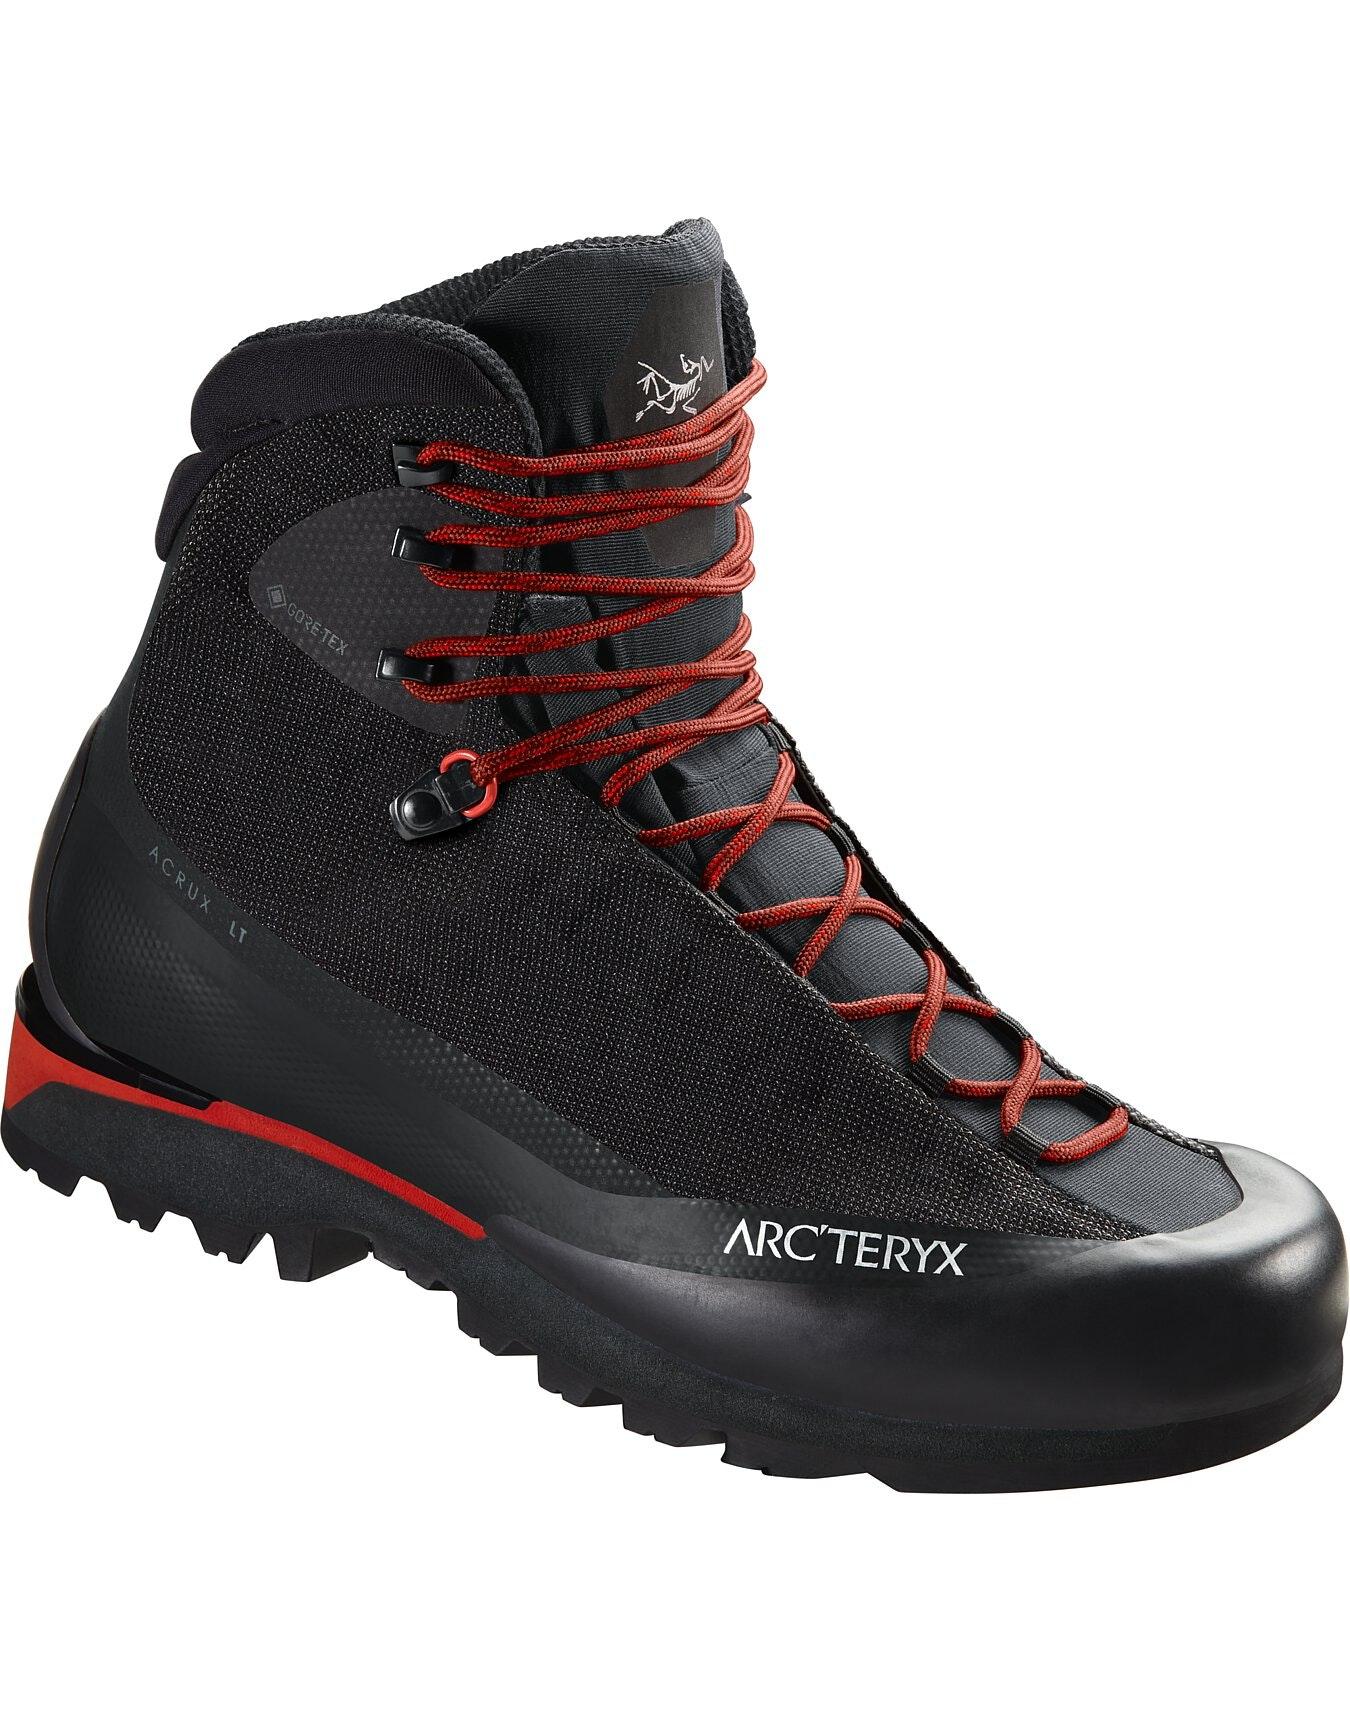 Acrux LT GTX Boot Black/Helios